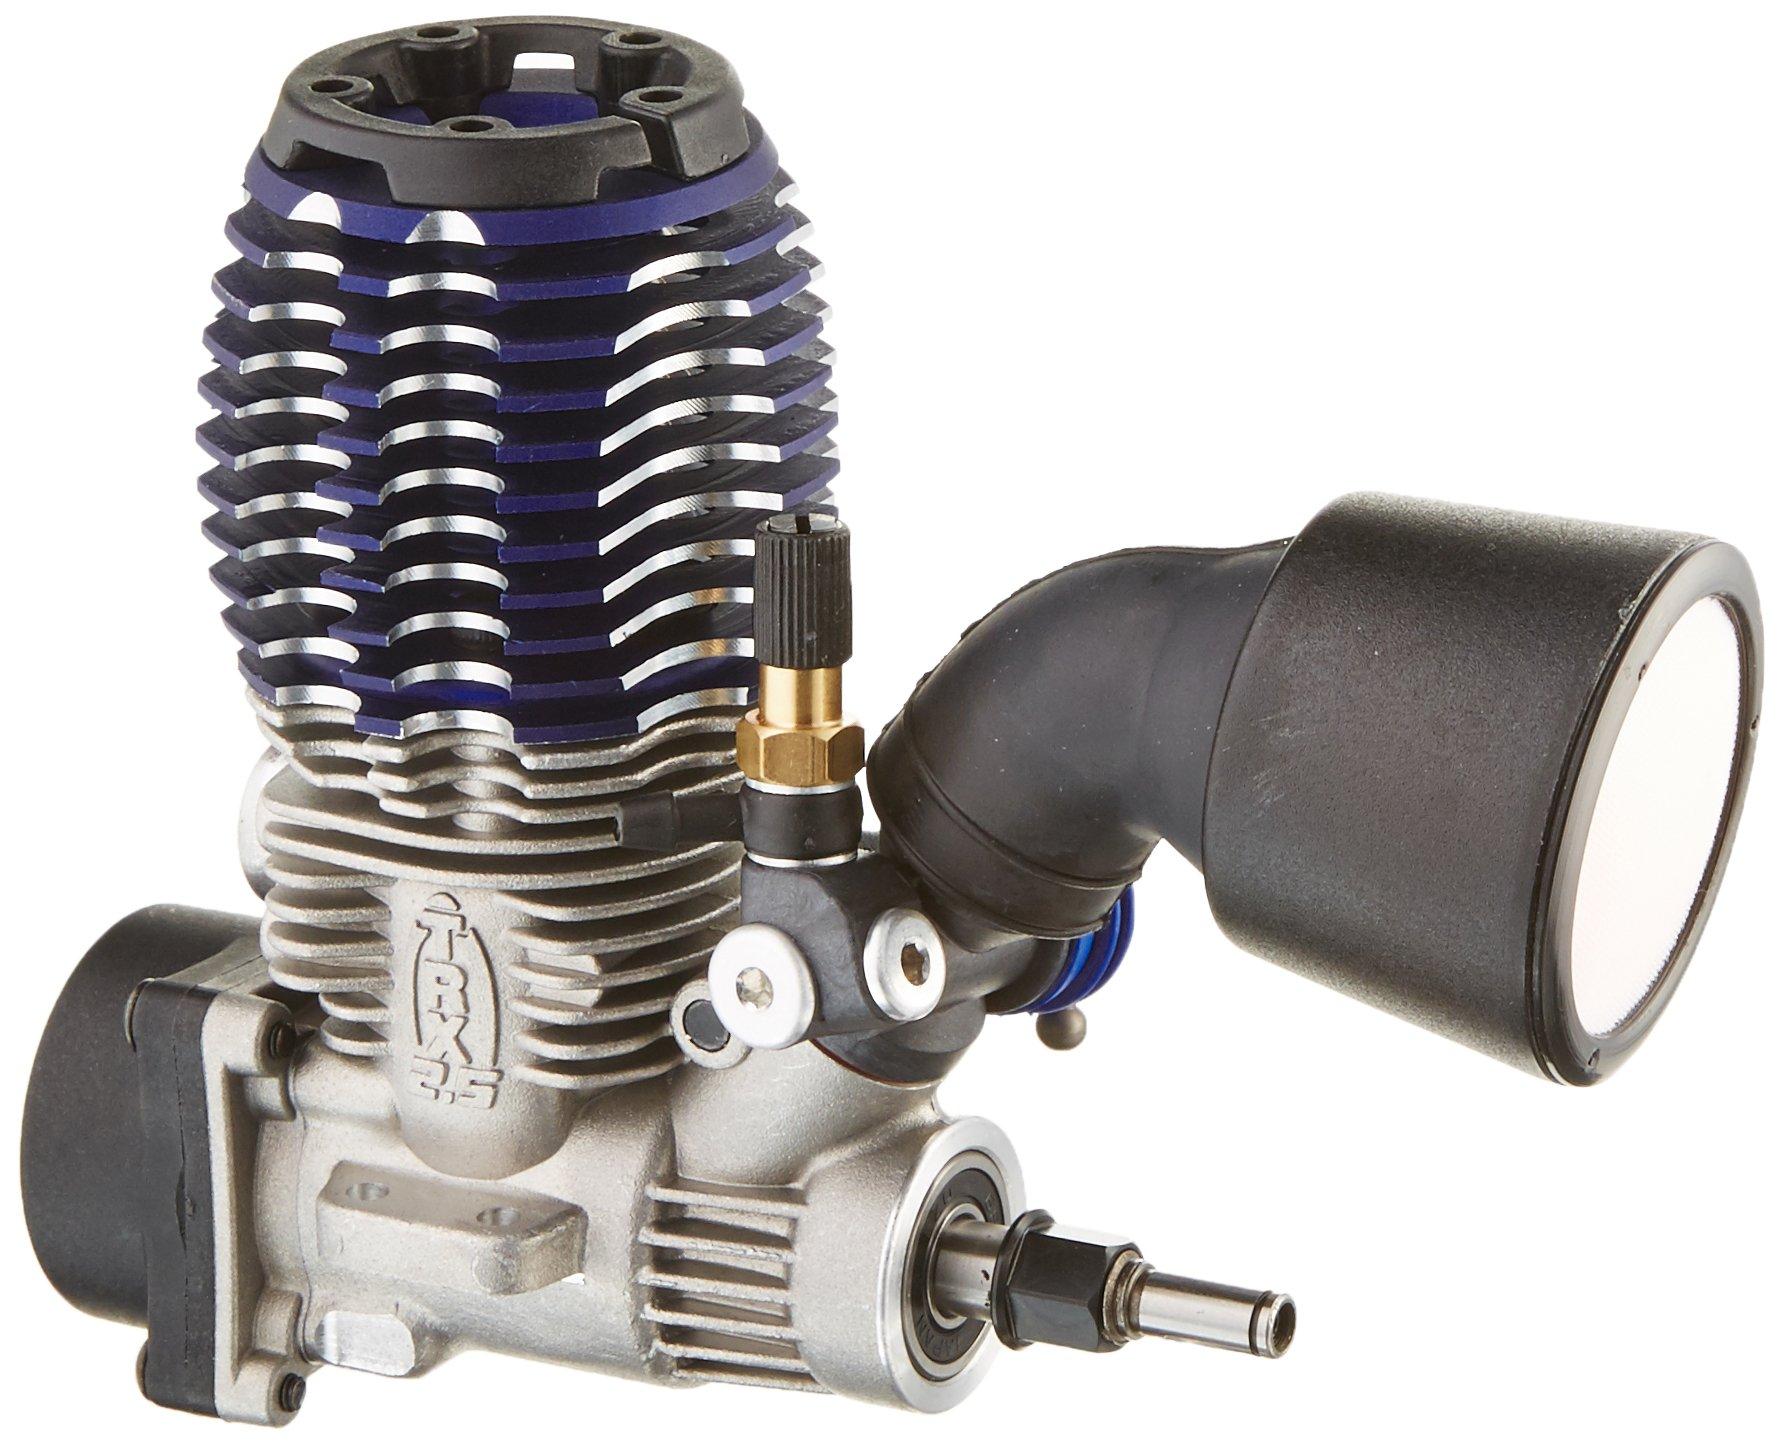 Traxxas 5207R TRX 2.5R Racing Engine by Traxxas (Image #2)